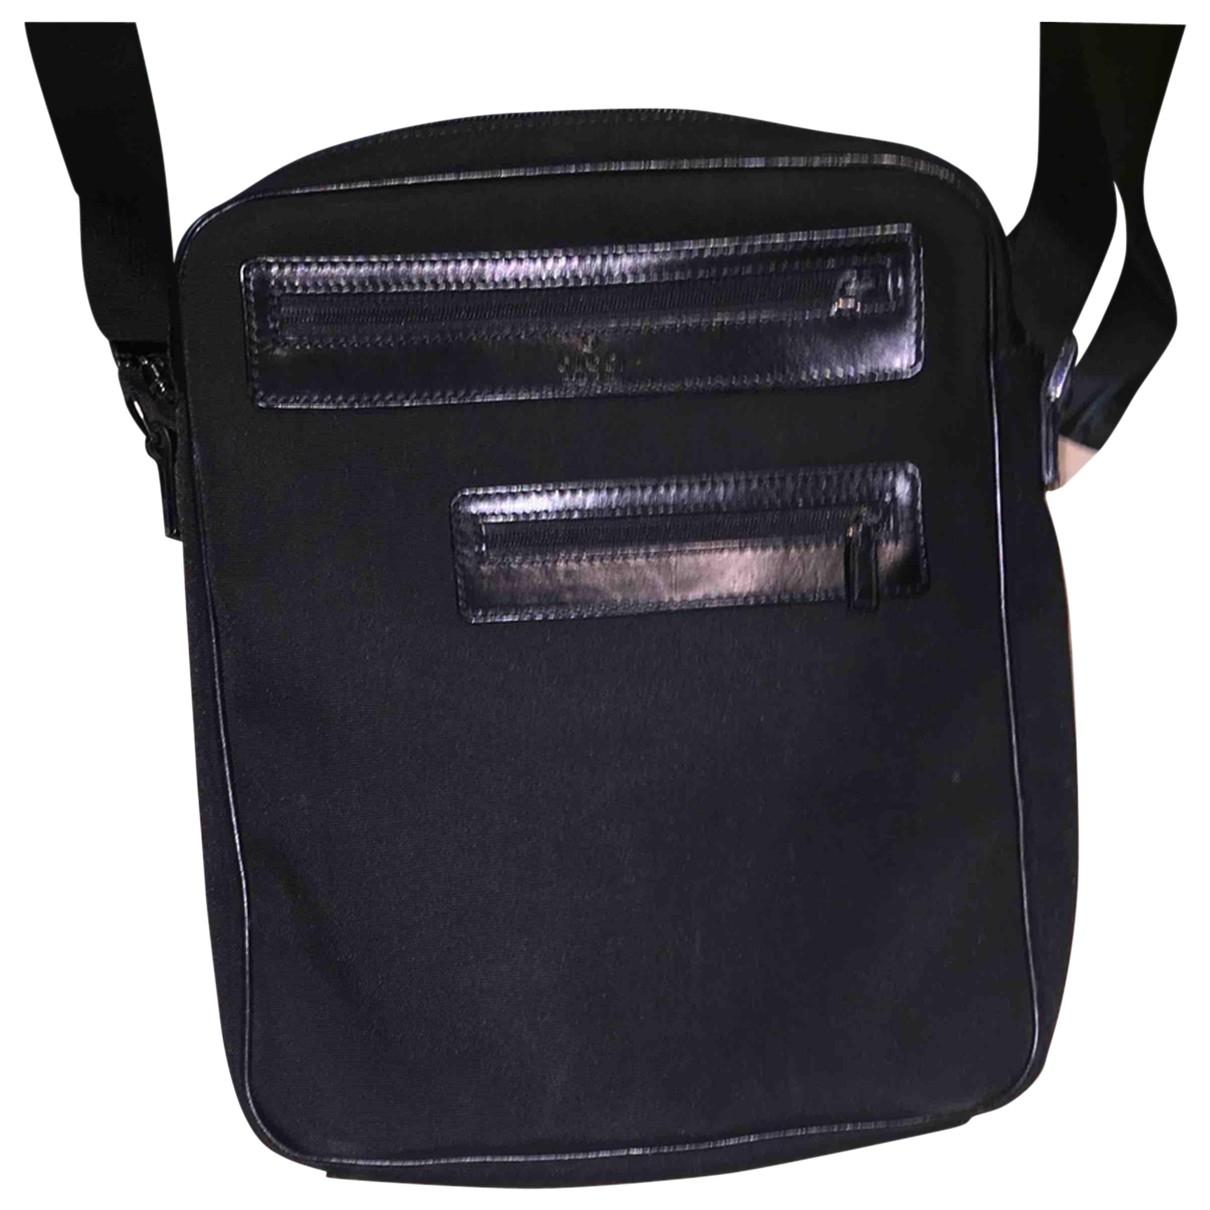 Gucci \N Taschen in  Schwarz Leinen